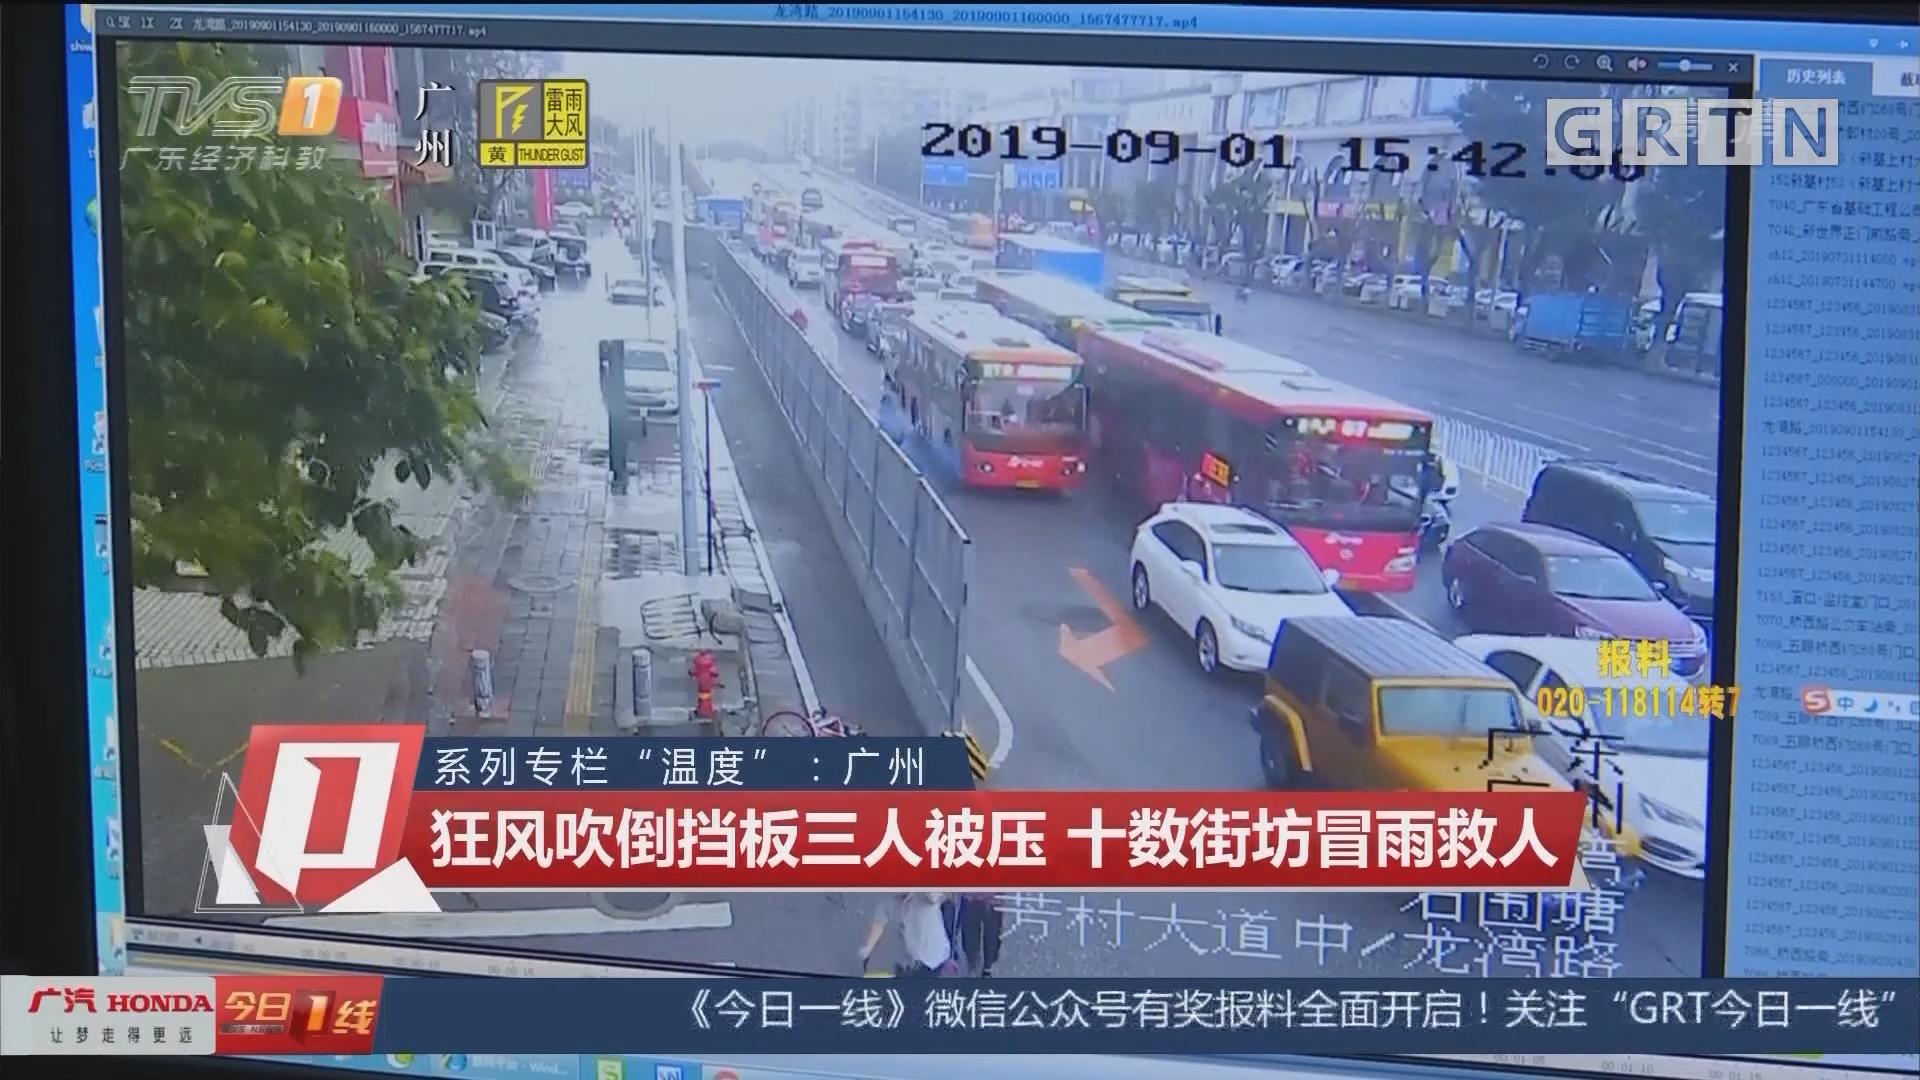 """系列专栏""""温度"""":广州 狂风吹倒挡板三人被压 十数街坊冒雨救人"""